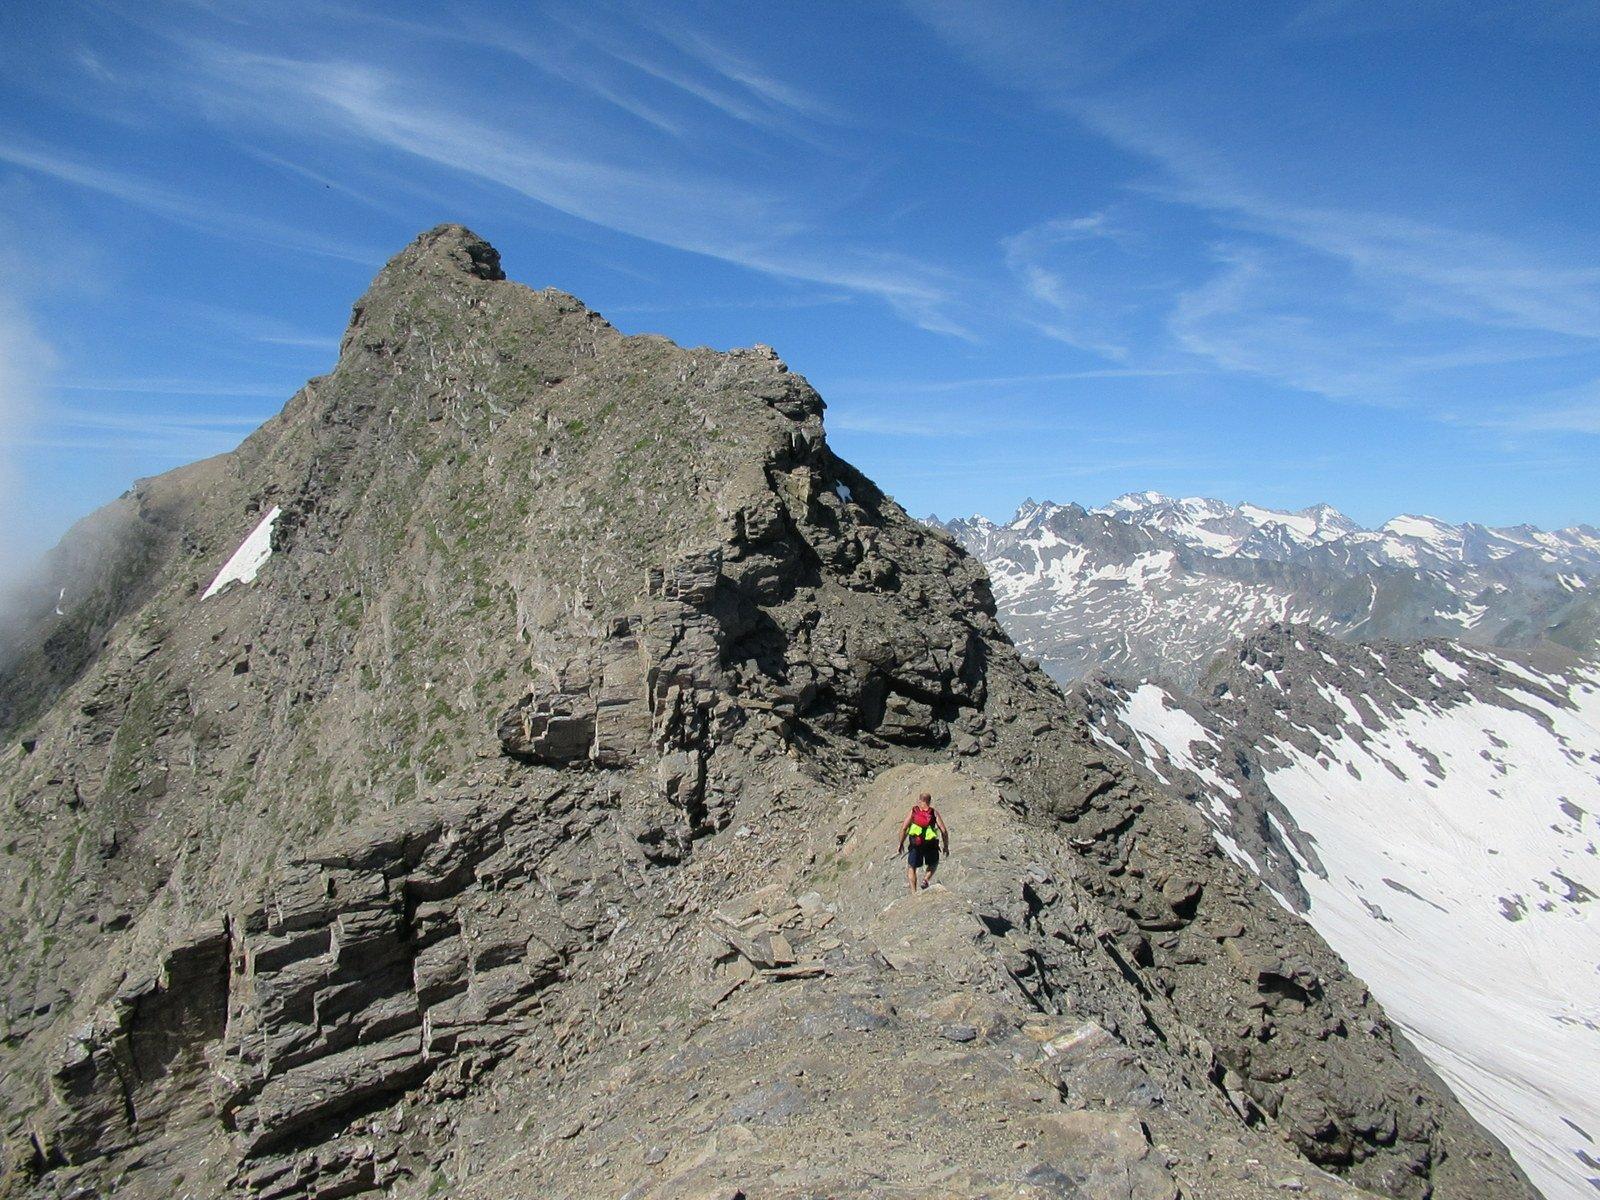 Parte finale della cresta, con gli spuntoni da aggirare sulla destra